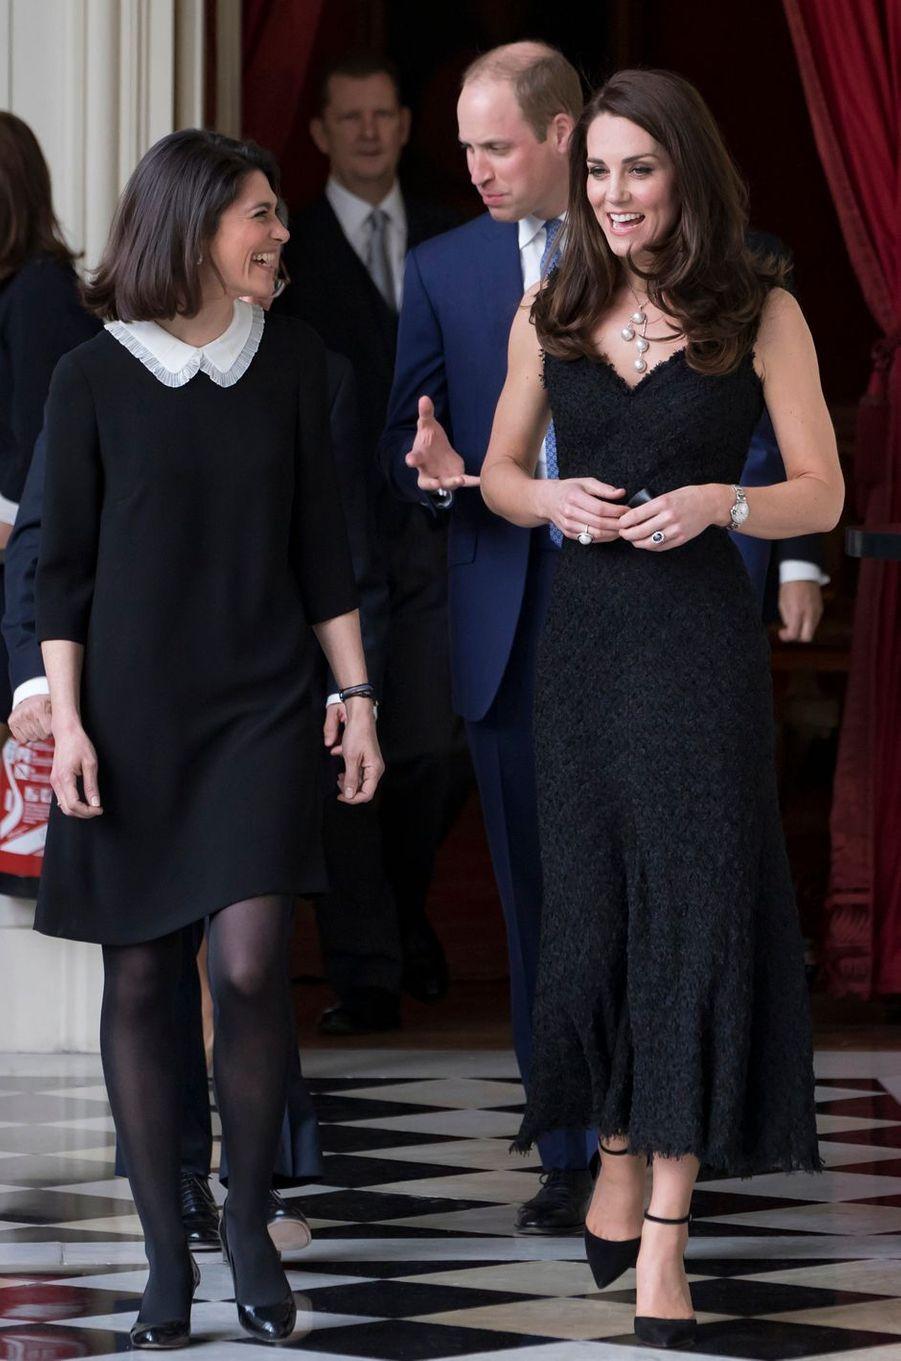 La duchesse de Cambridge, née Kate Middleton, en Alexander McQueen à Paris le 17 mars 2017